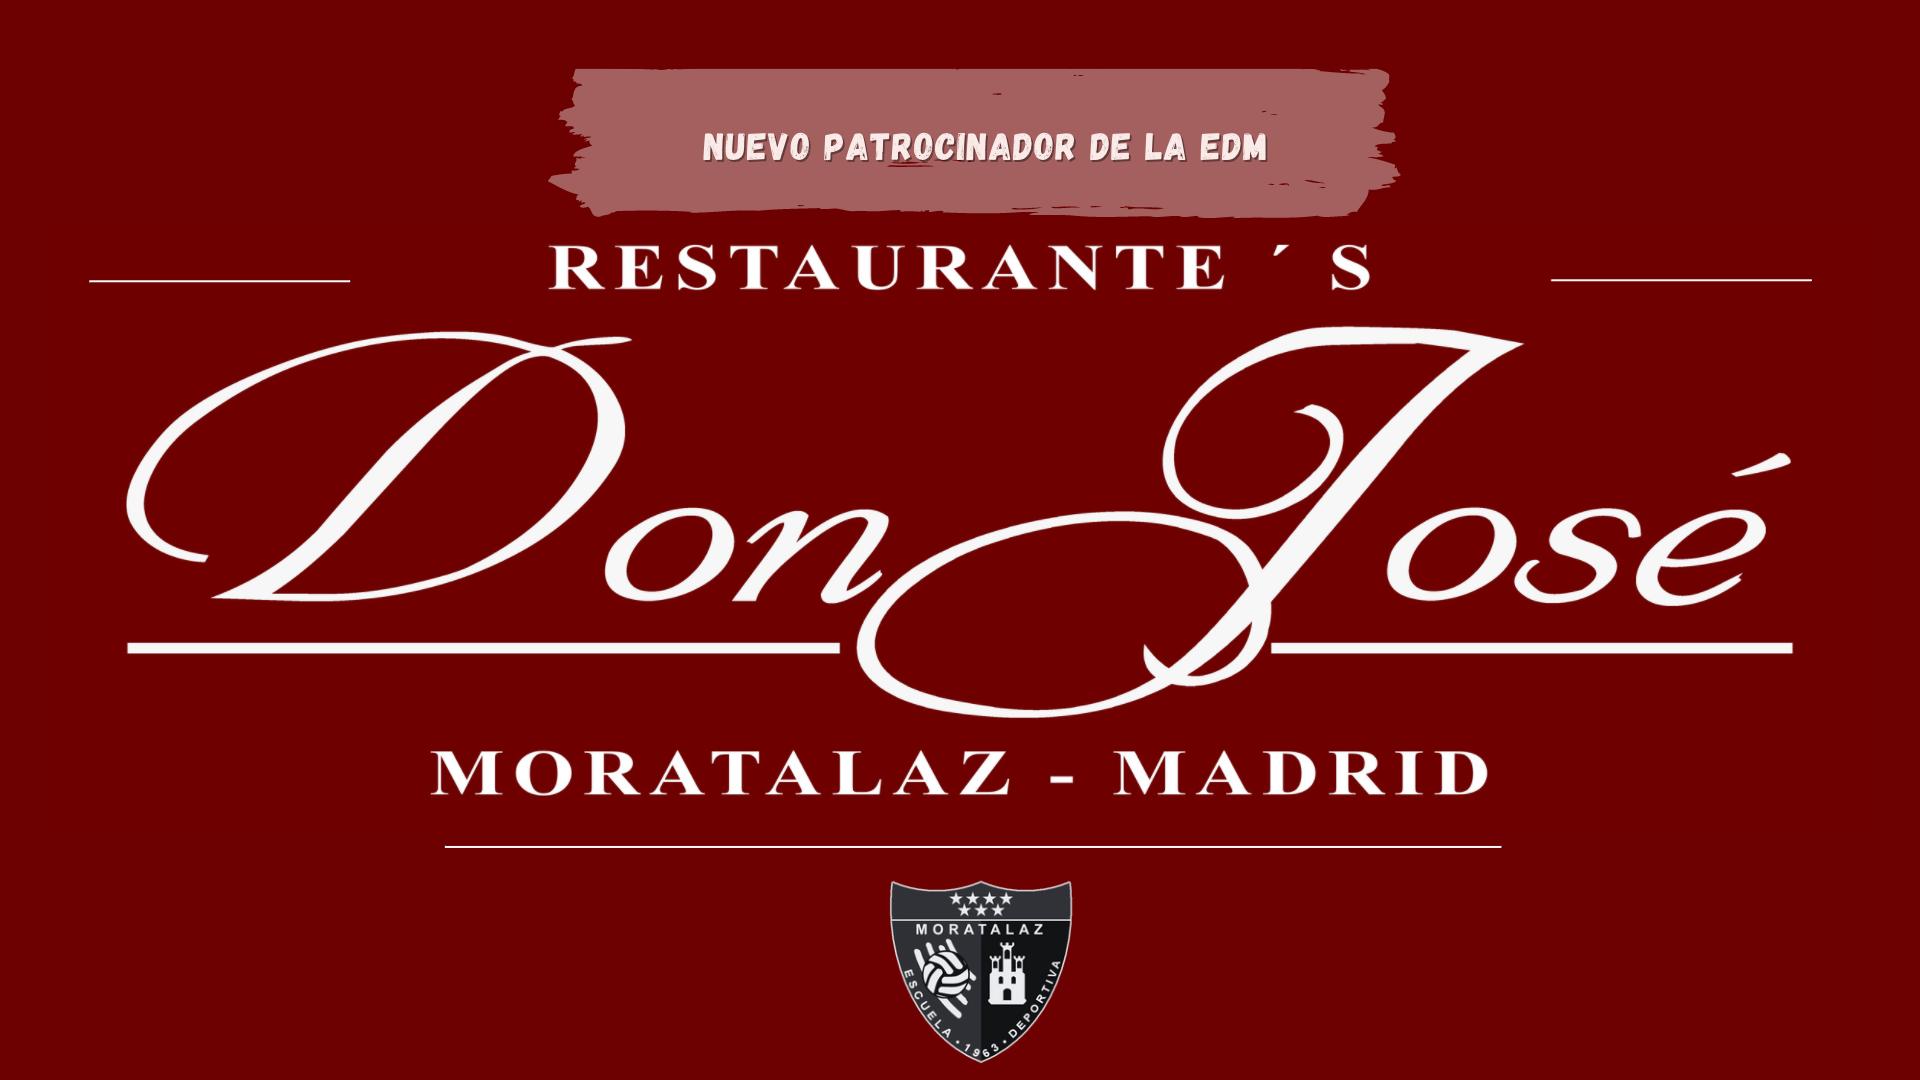 Nuevo patrocinador | Restaurante Don José